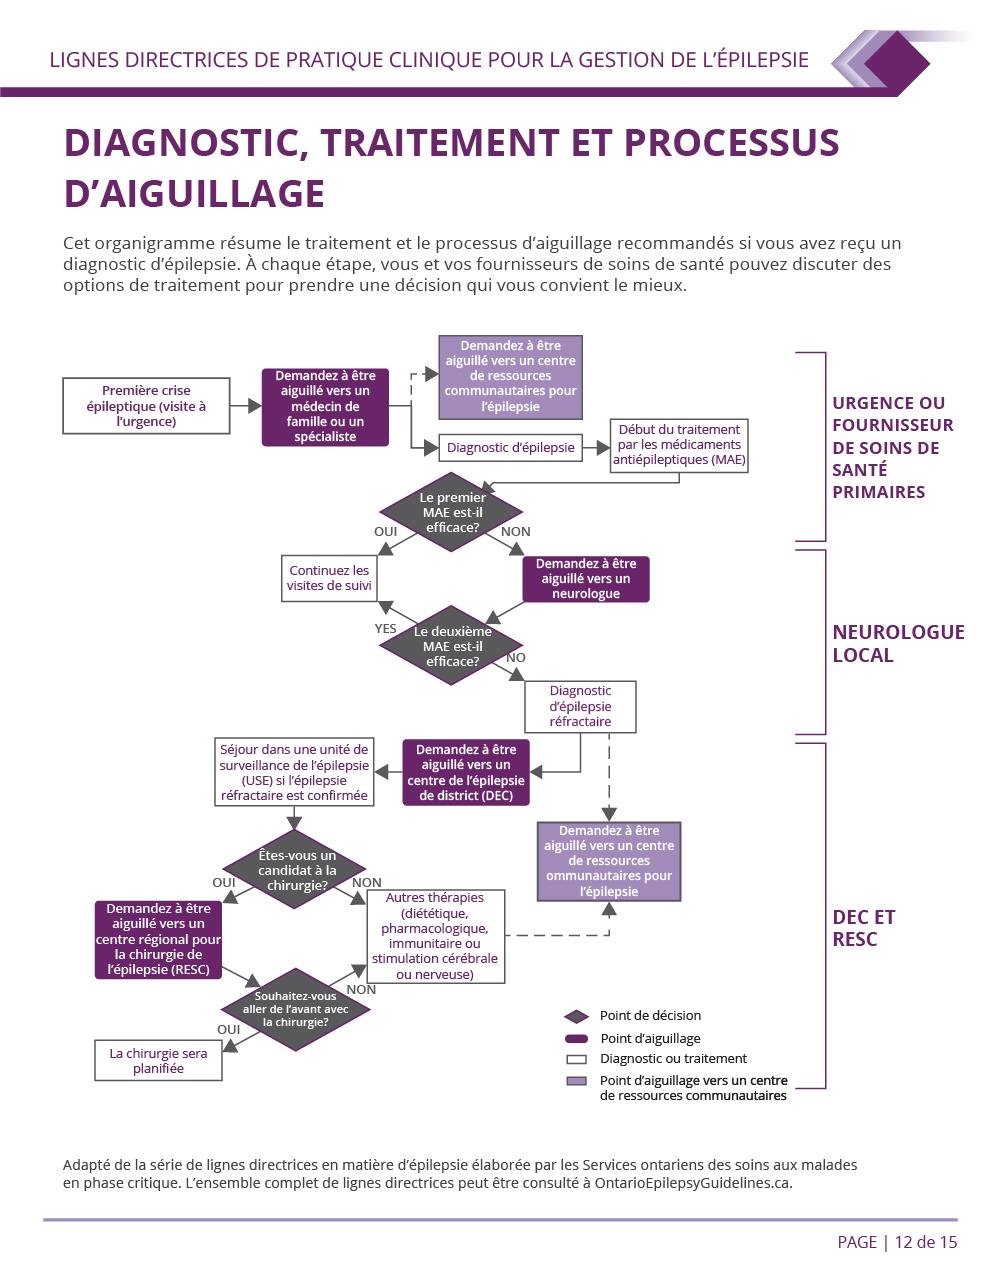 Diagnostic traitement et processus d'aiguillage